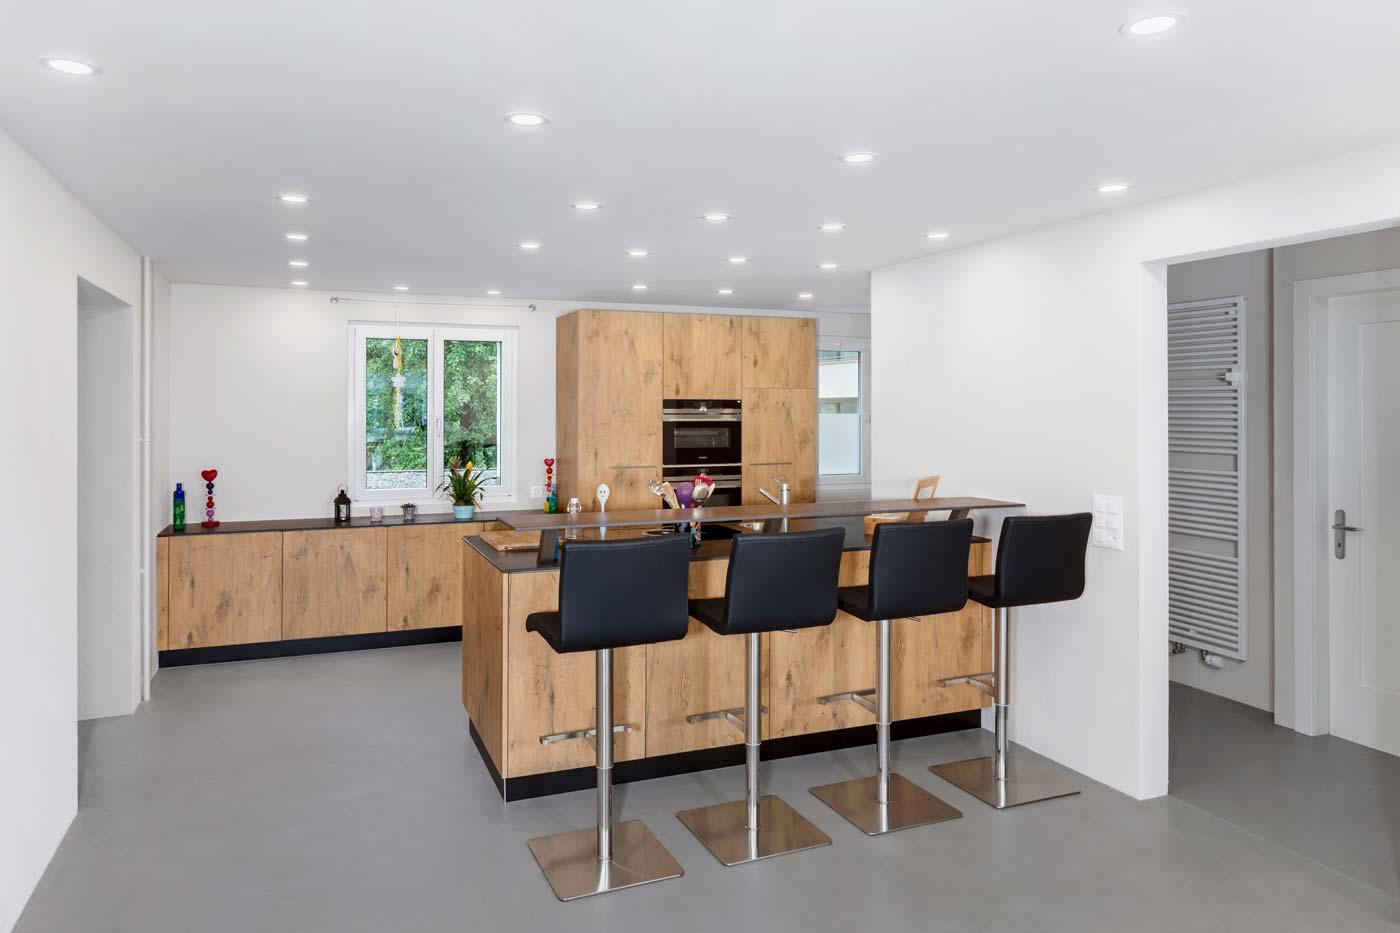 Holzküche mit viel Stauraum